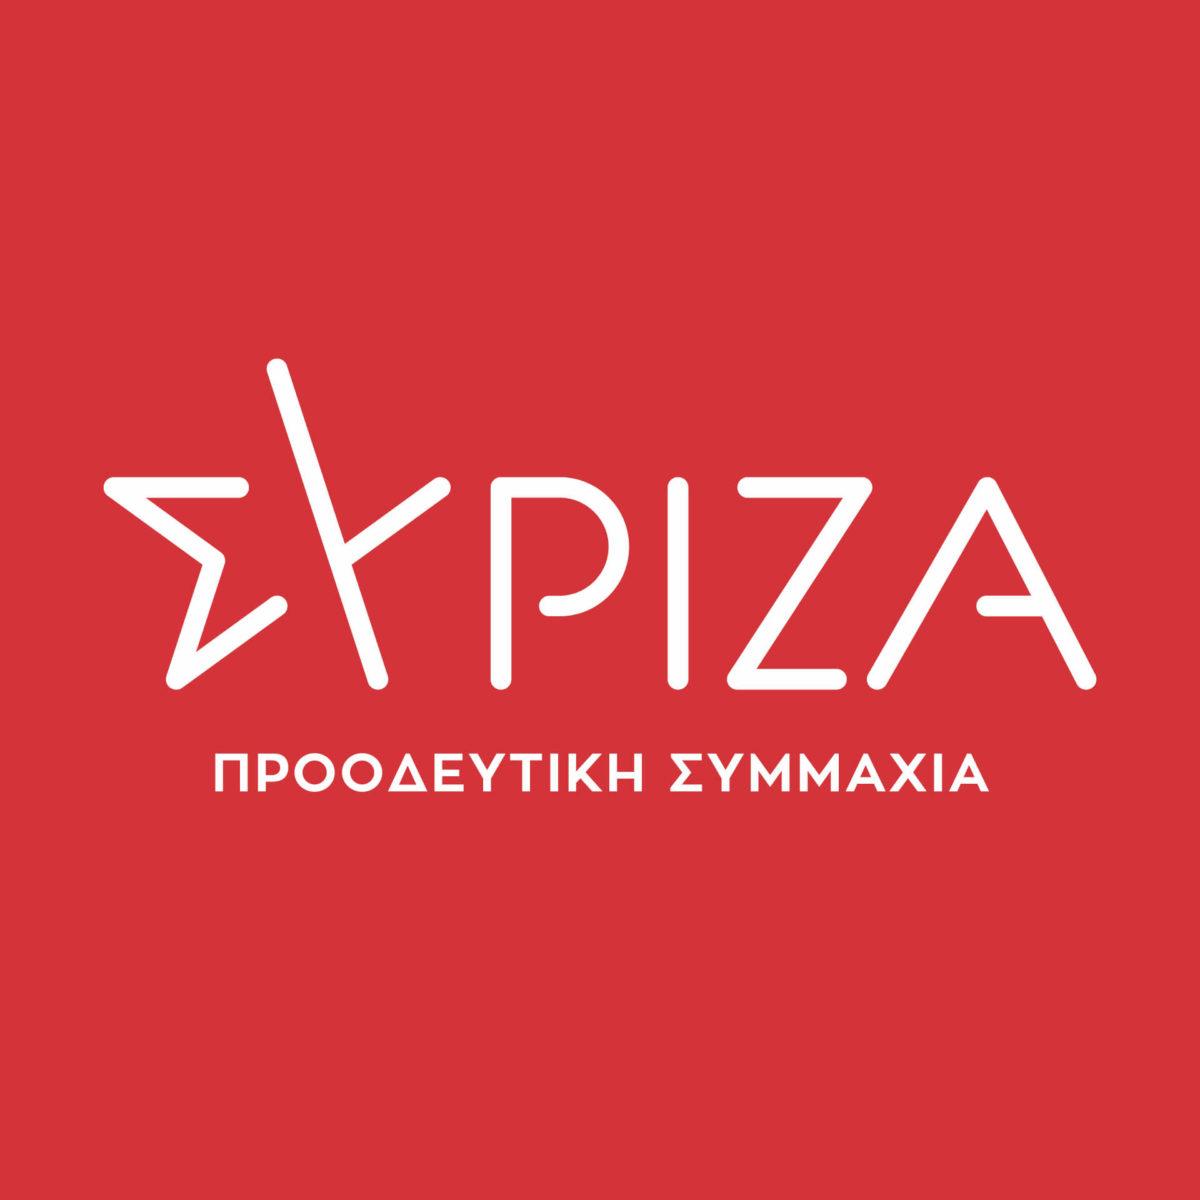 Ερώτηση 60 βουλευτών ΣΥΡΙΖΑ : Εκτός επιχορήγησης από τα προγράμματα των Περιφερειών χιλιάδες επιχειρήσεις της χώρας